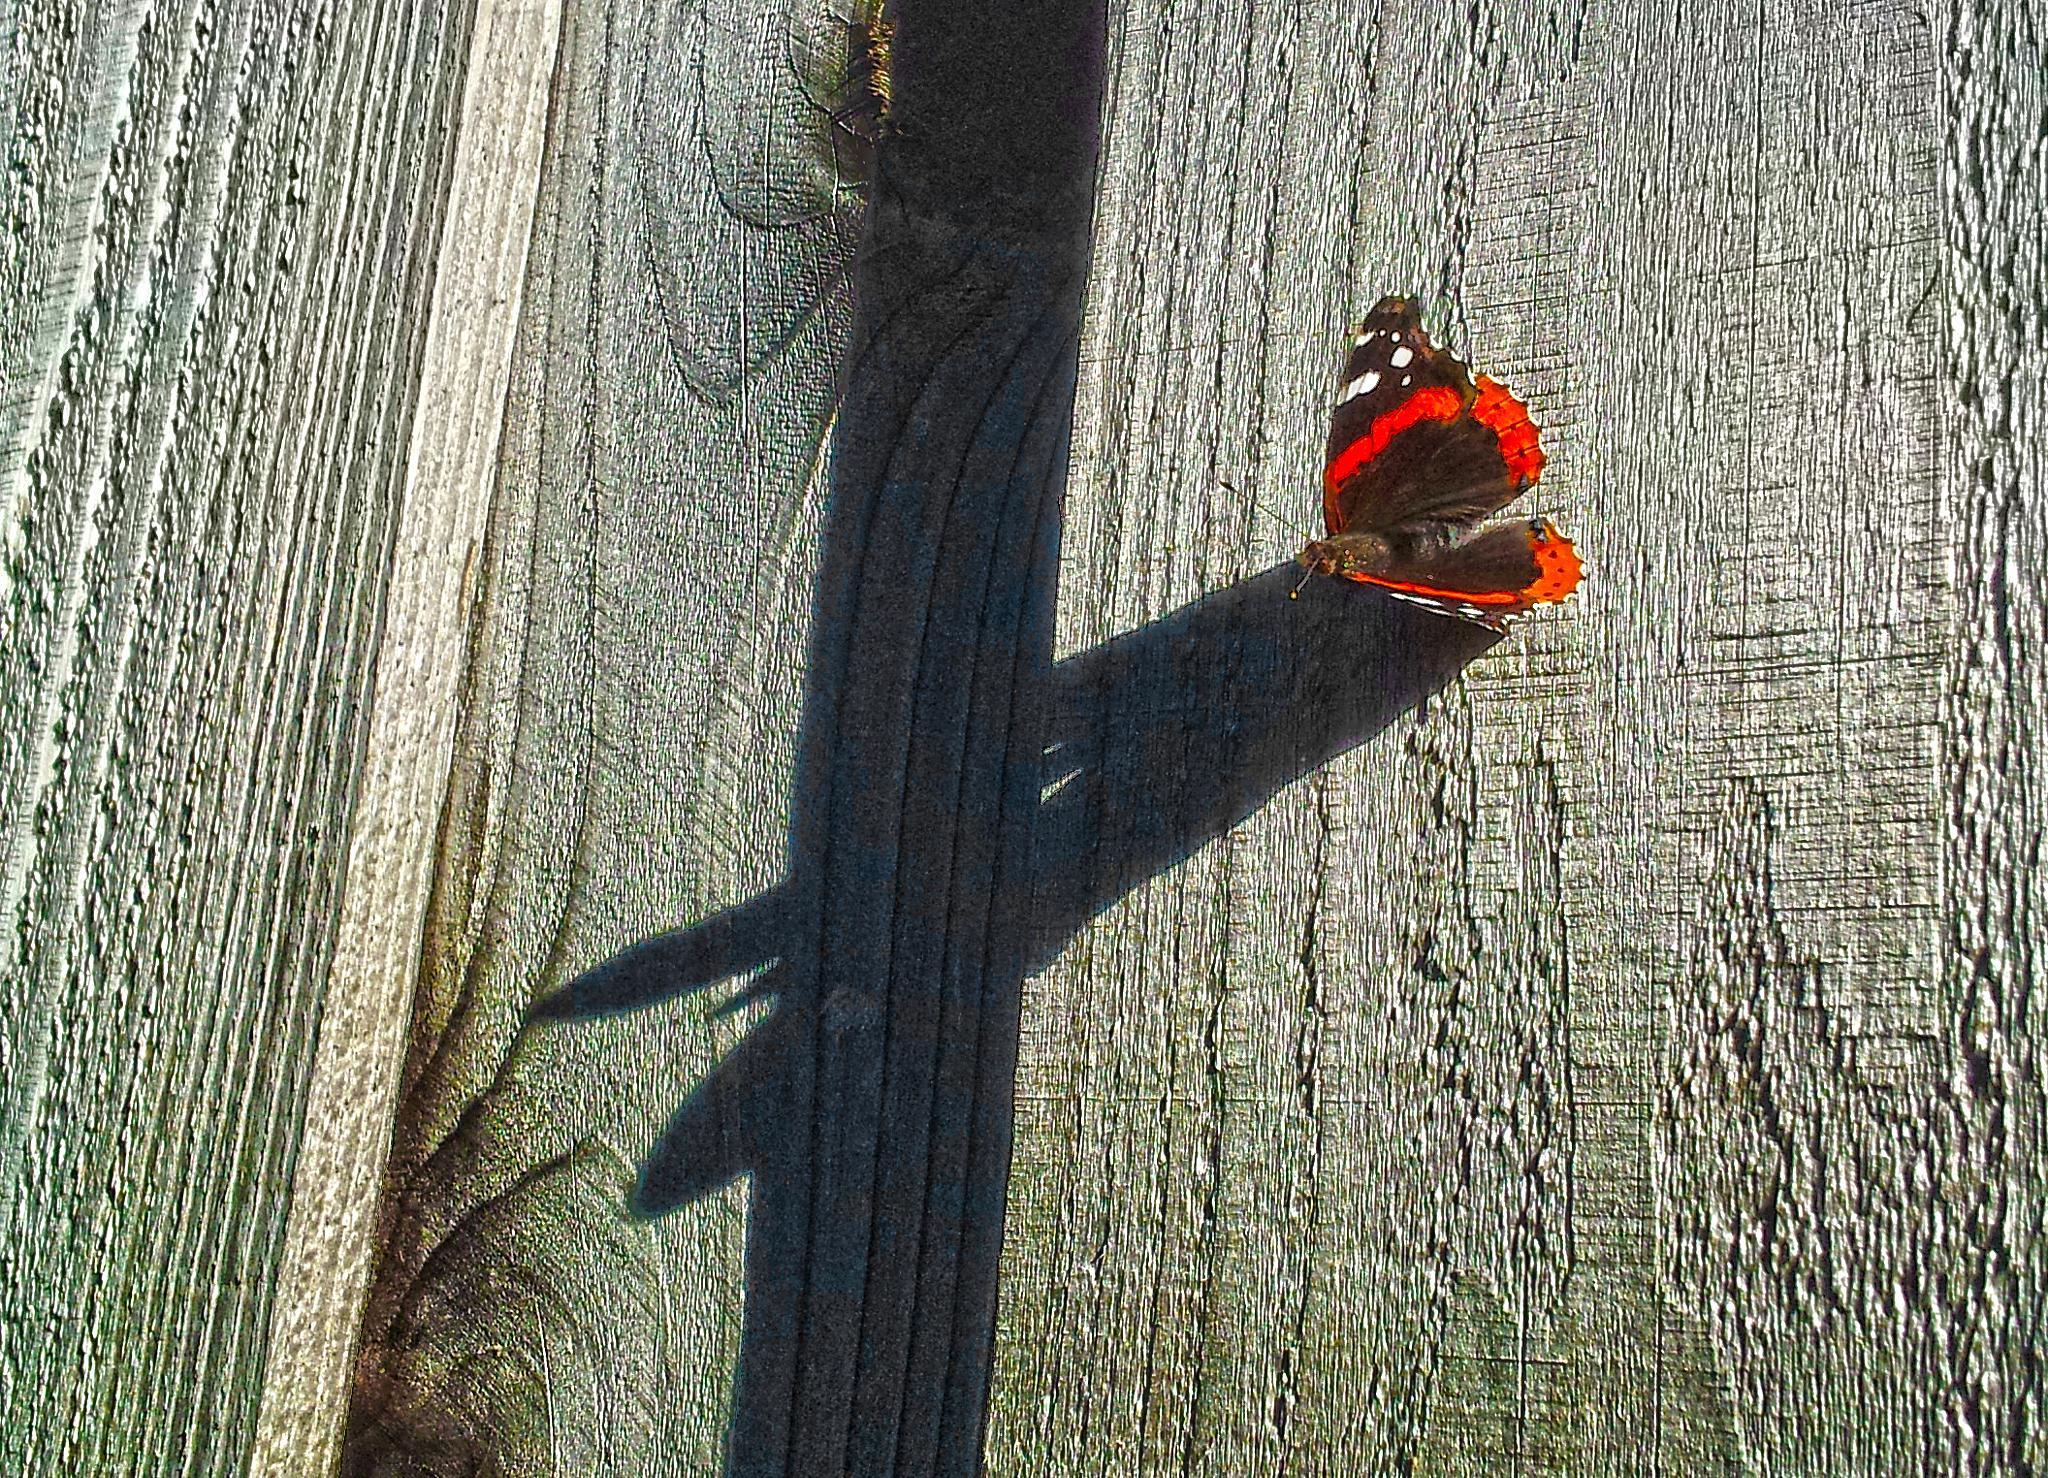 Butterfly Shadows by Tony Coelho Ramos